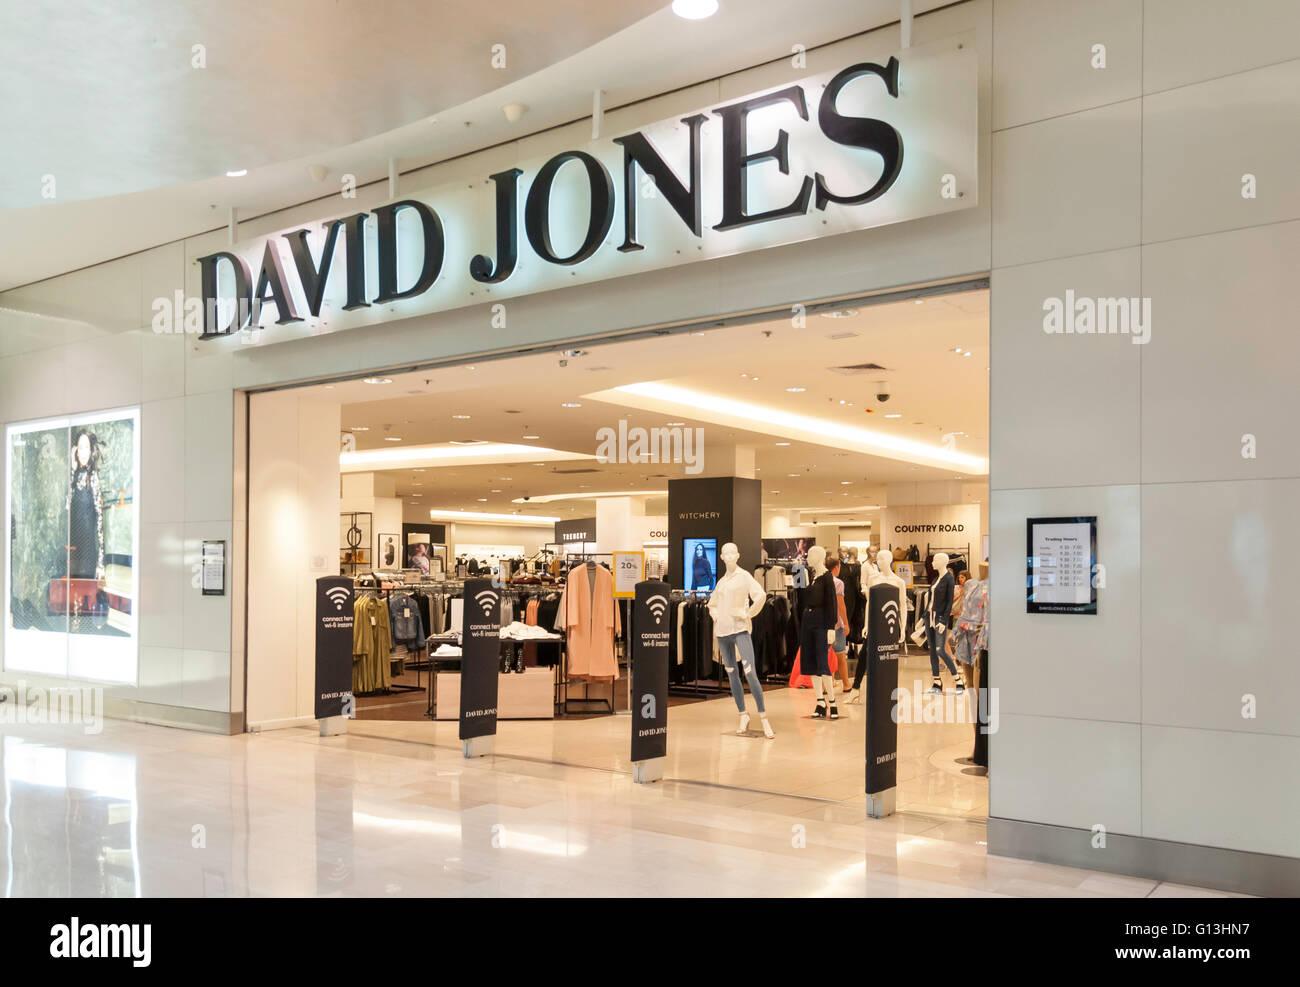 30 reviews of David Jones